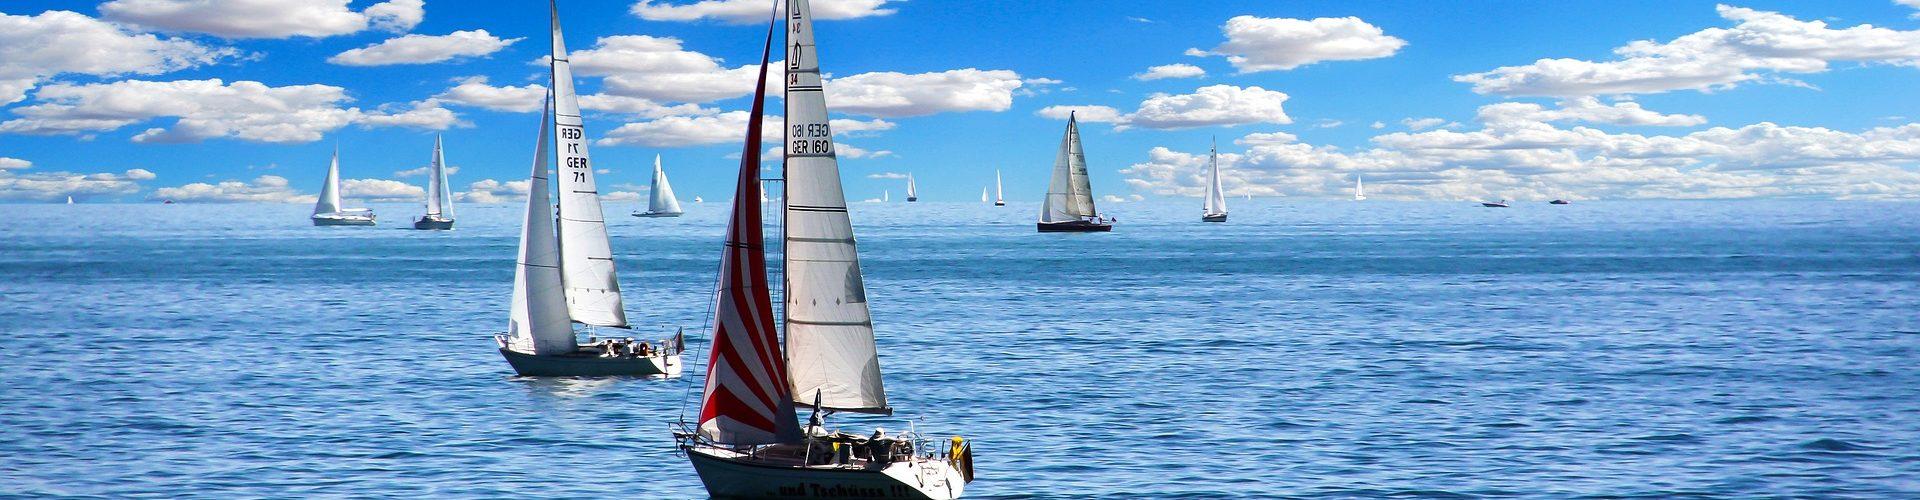 segeln lernen in Bruchsal segelschein machen in Bruchsal 1920x500 - Segeln lernen in Bruchsal